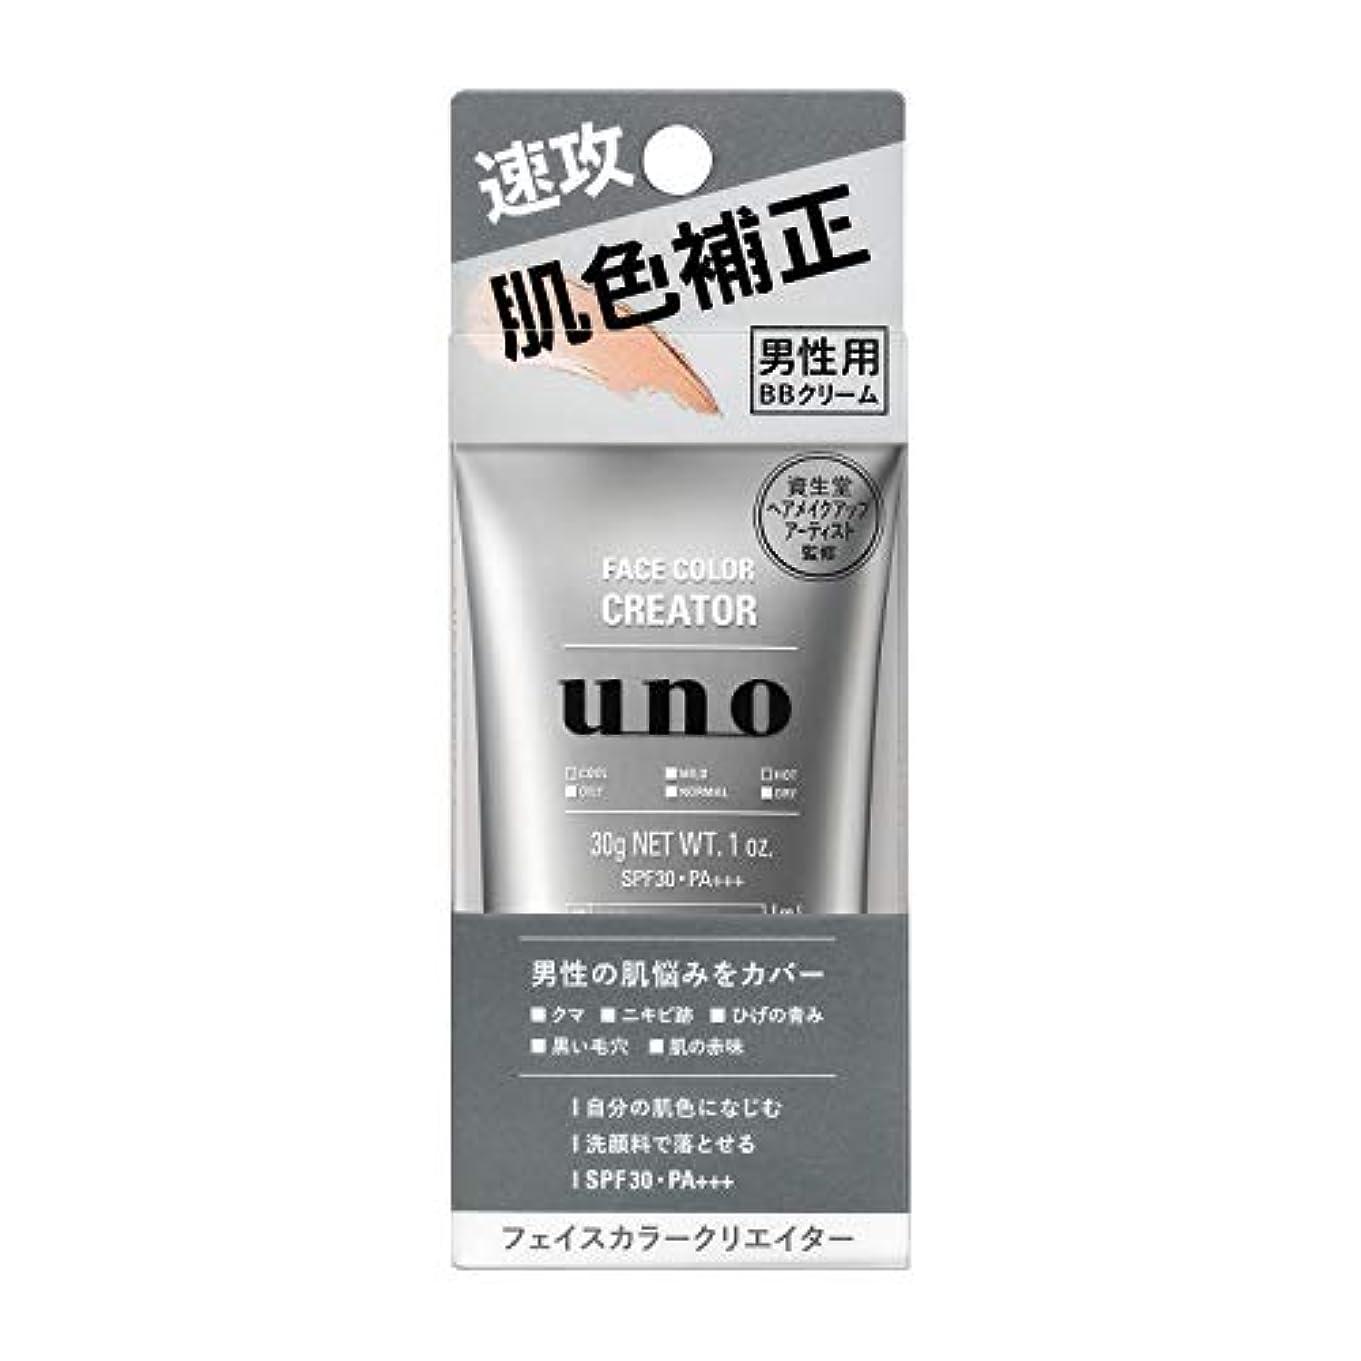 責任者大通り交流するUNO(ウーノ)フェイスカラークリエイター BBクリーム メンズ SPF30 PA+++ 30g